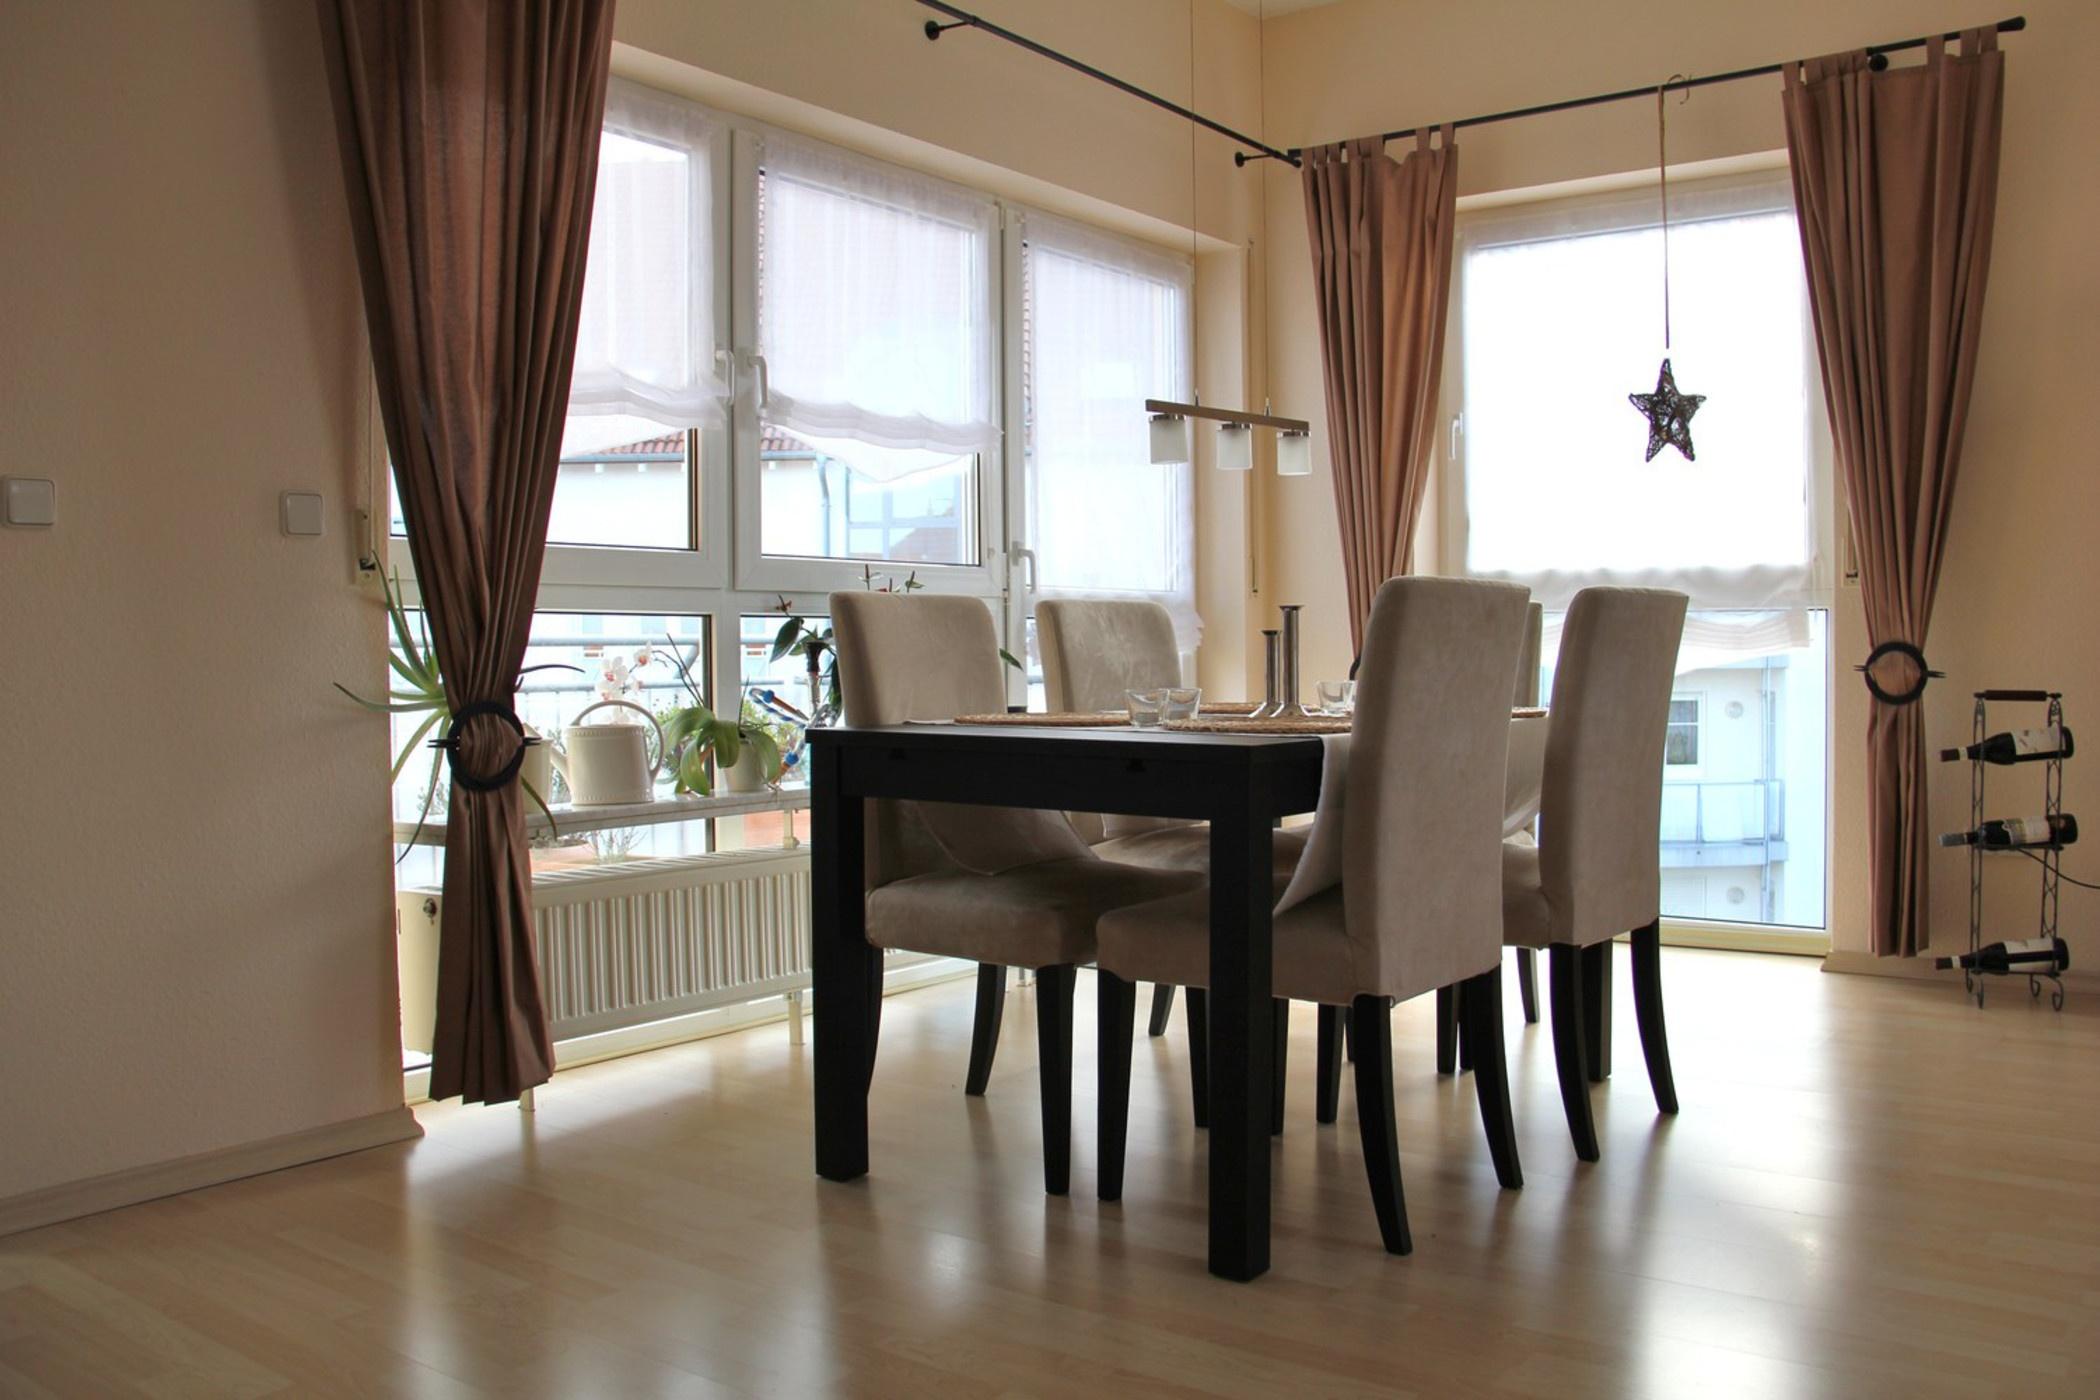 Wohngefühl  Lebensart : 76 m² mit Balkon – in bester Lage von Worms-Herrnsheim!, 67550 Worms, Etagenwohnung